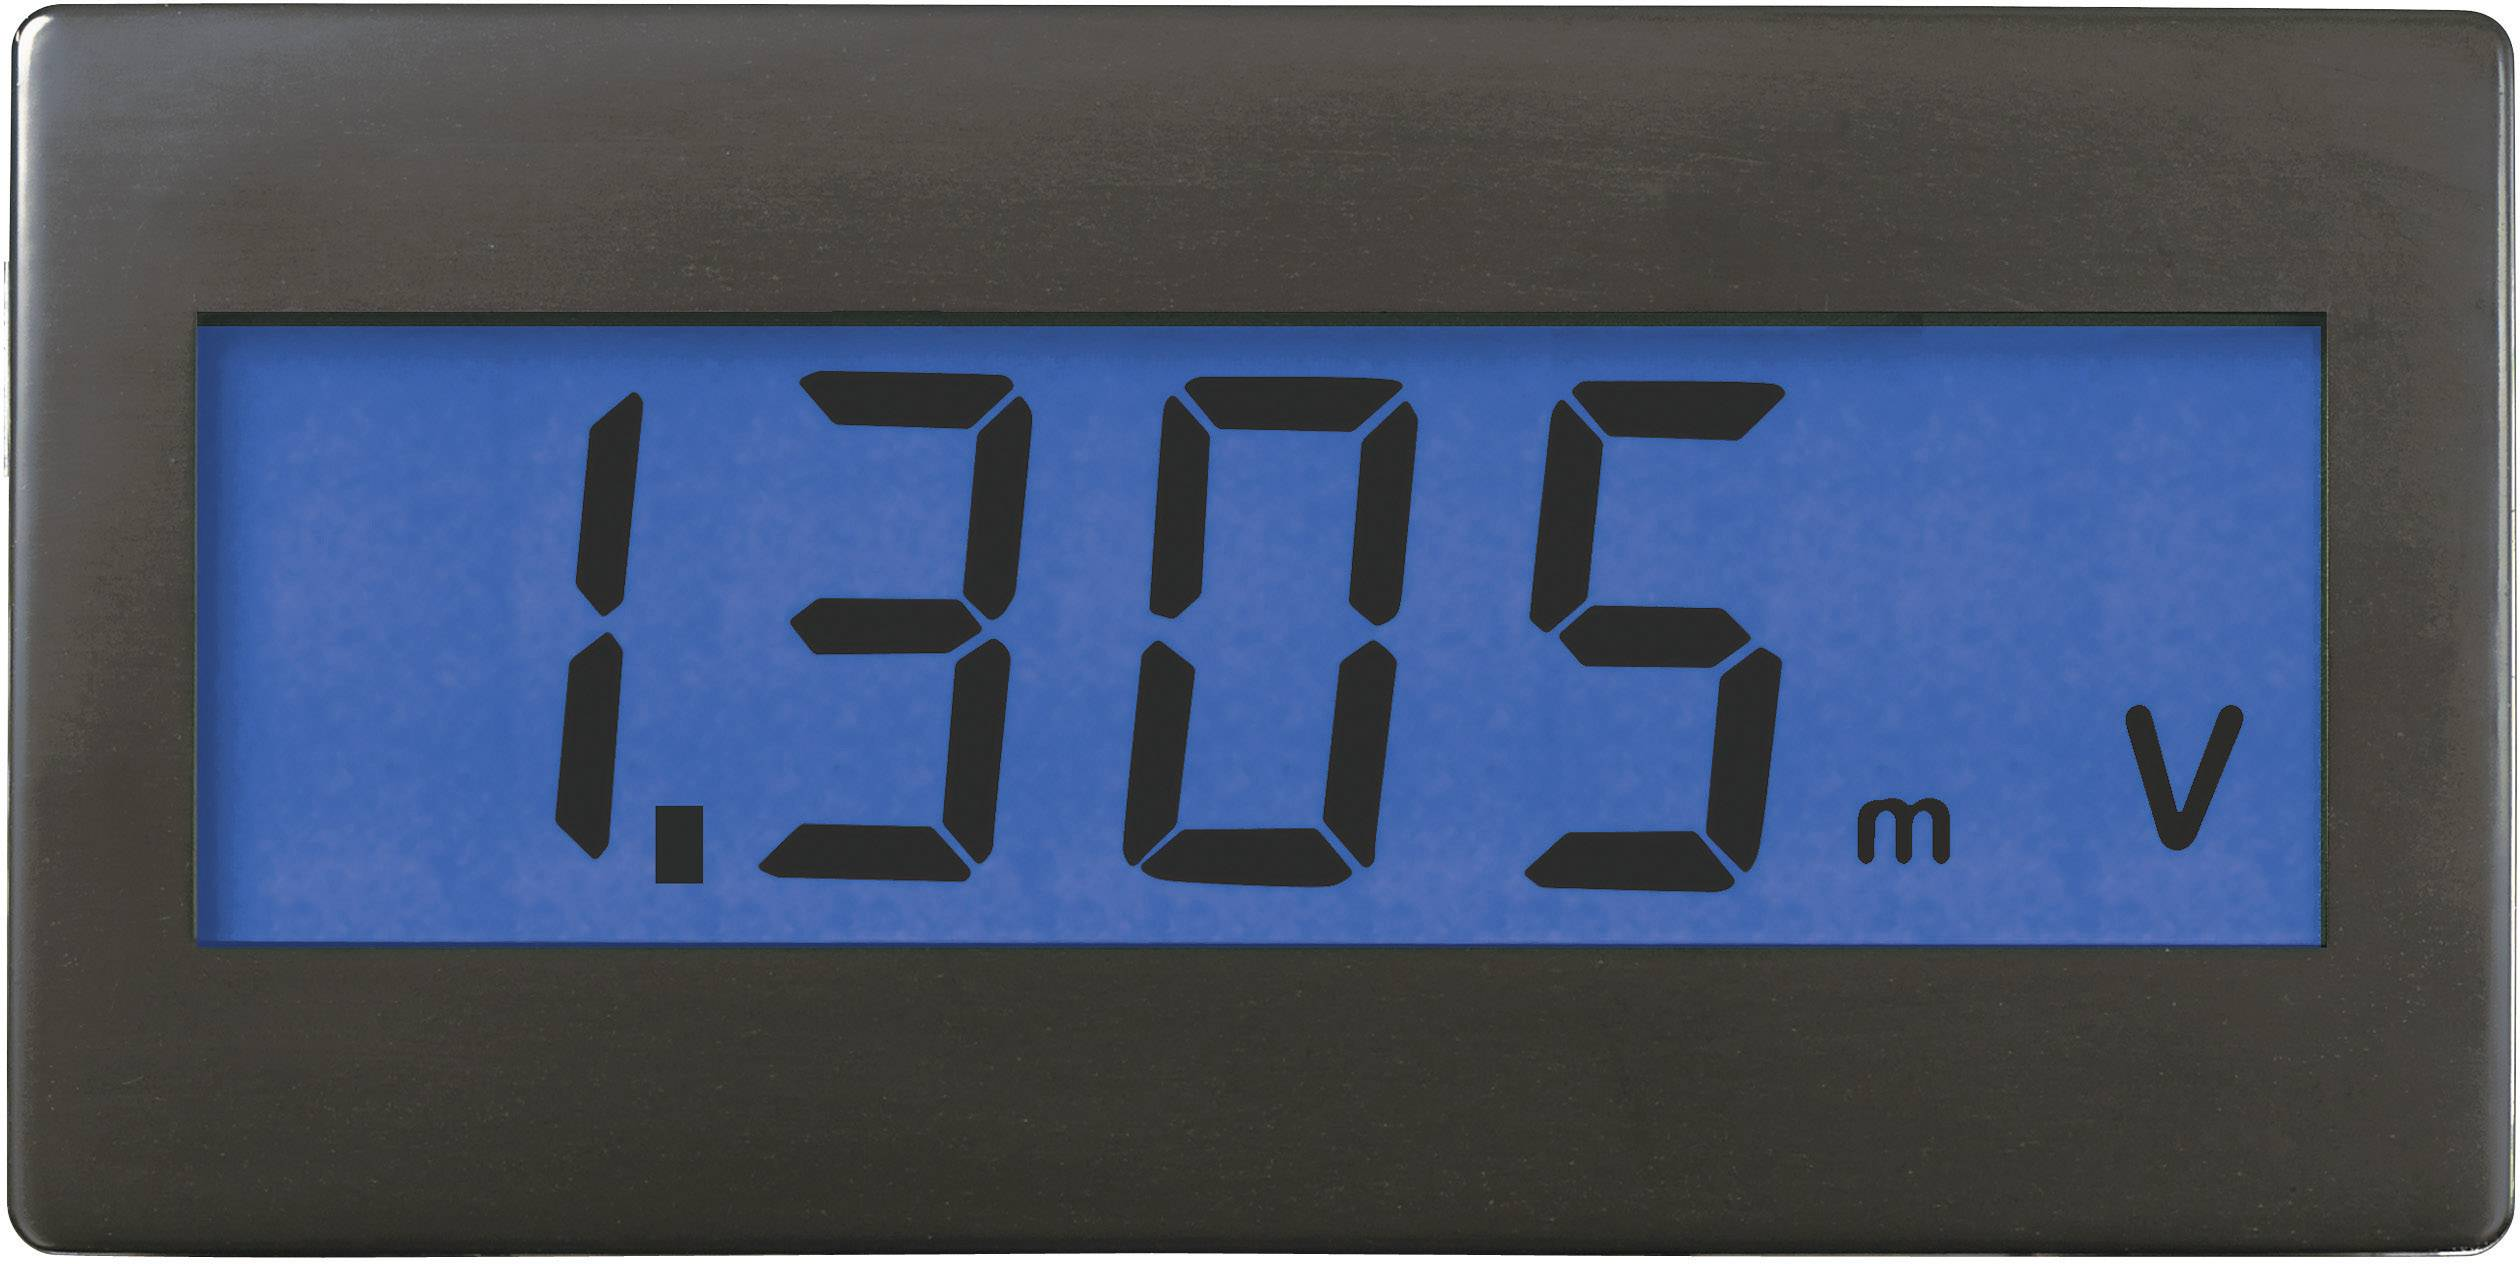 Digitálne panelové meradlo Voltcraft DVM-330B, 68 x 33 mm